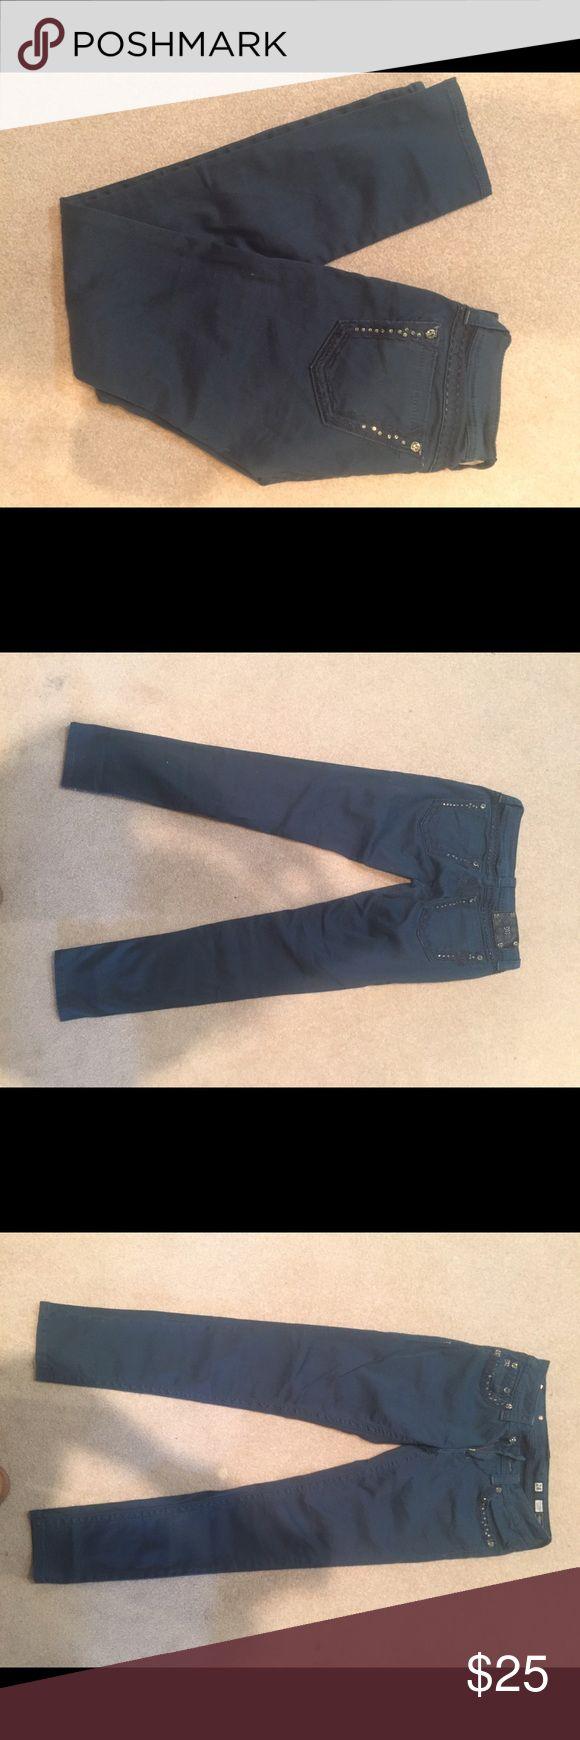 Teal blue miss me skinny jeans Miss me skinny jean worn once!!! Miss Me Jeans Skinny